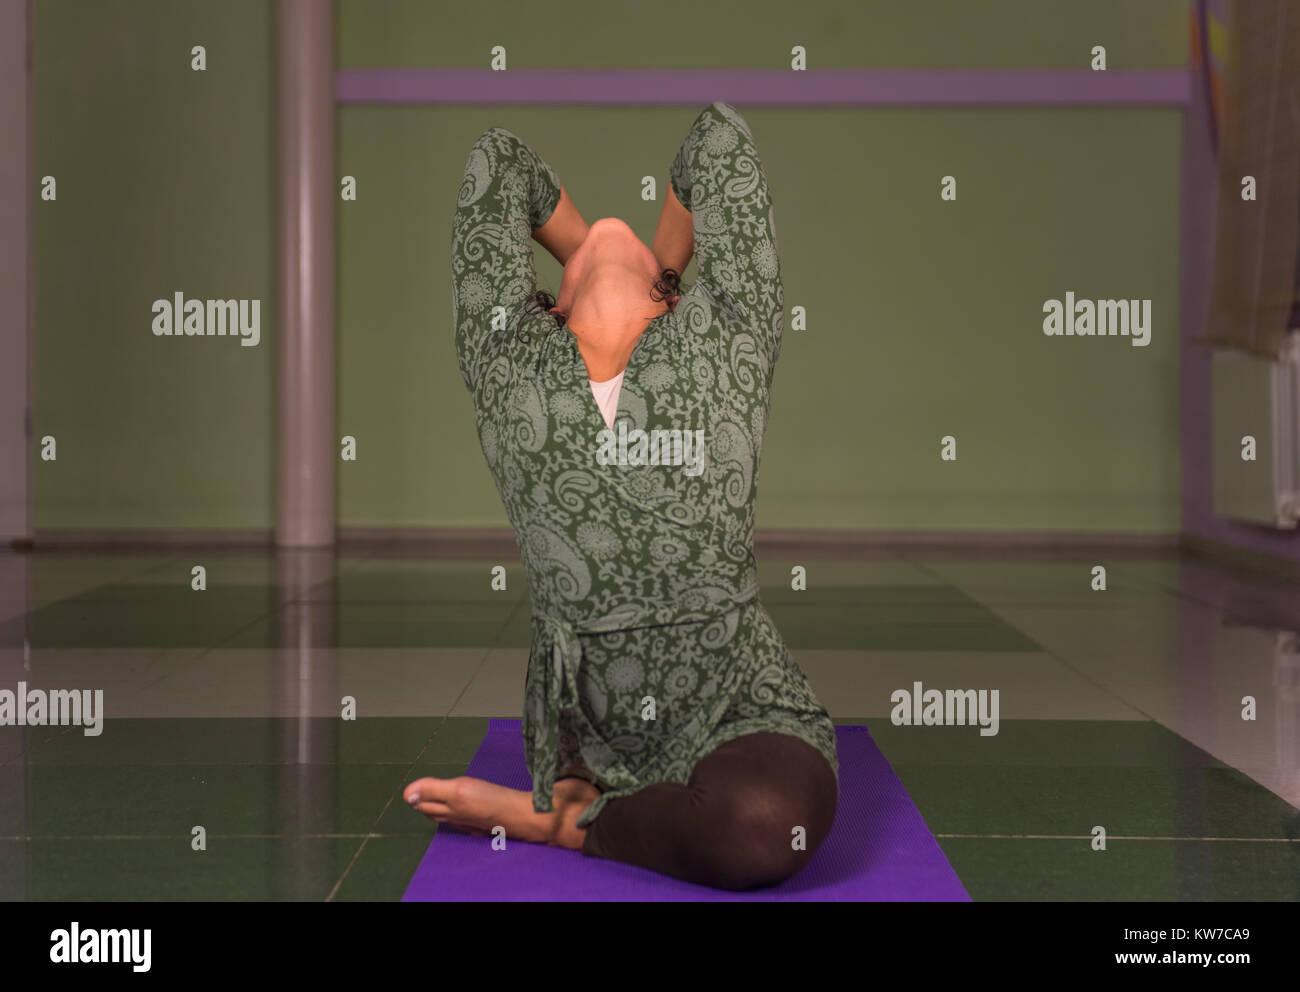 Yogi teaching yoga in a studio - Stock Image